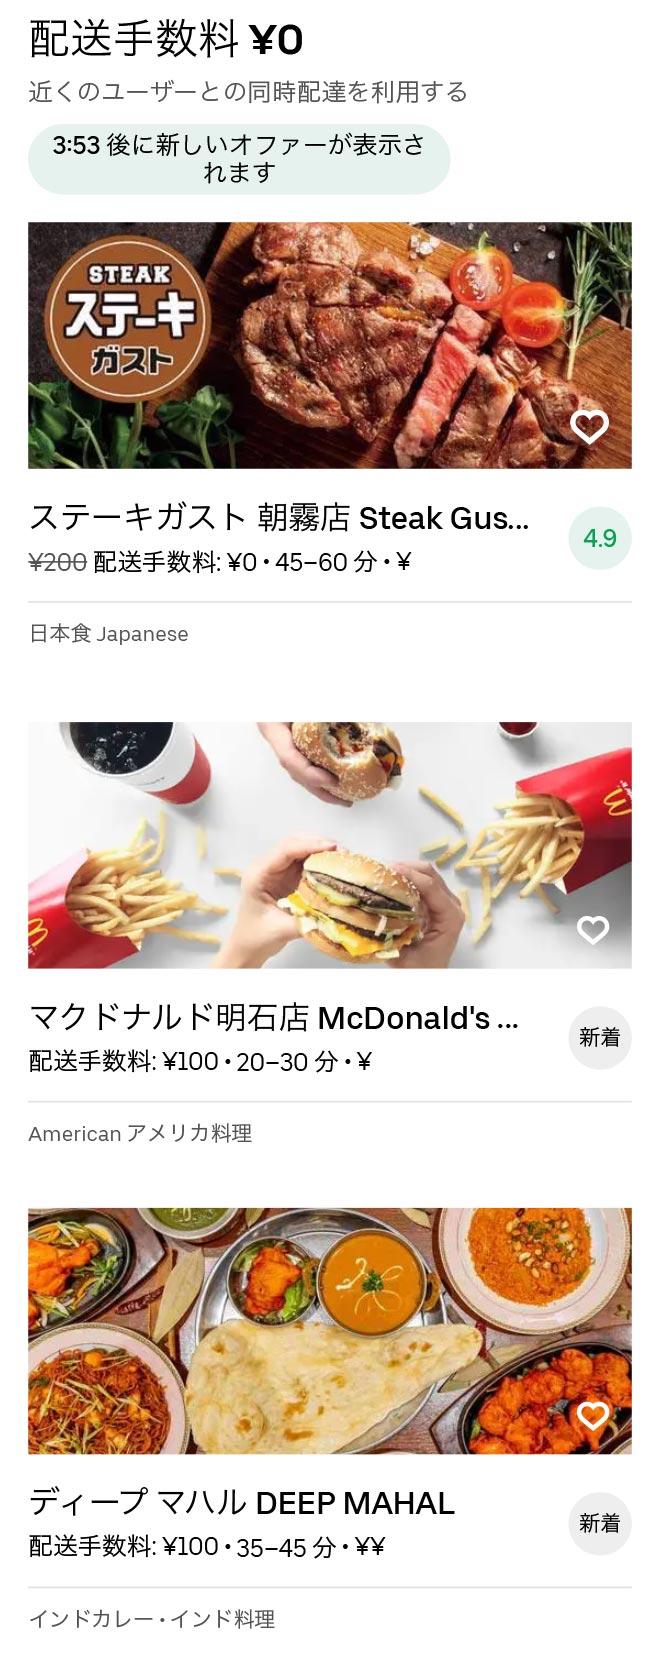 Sanyo akashi menu 2010 01